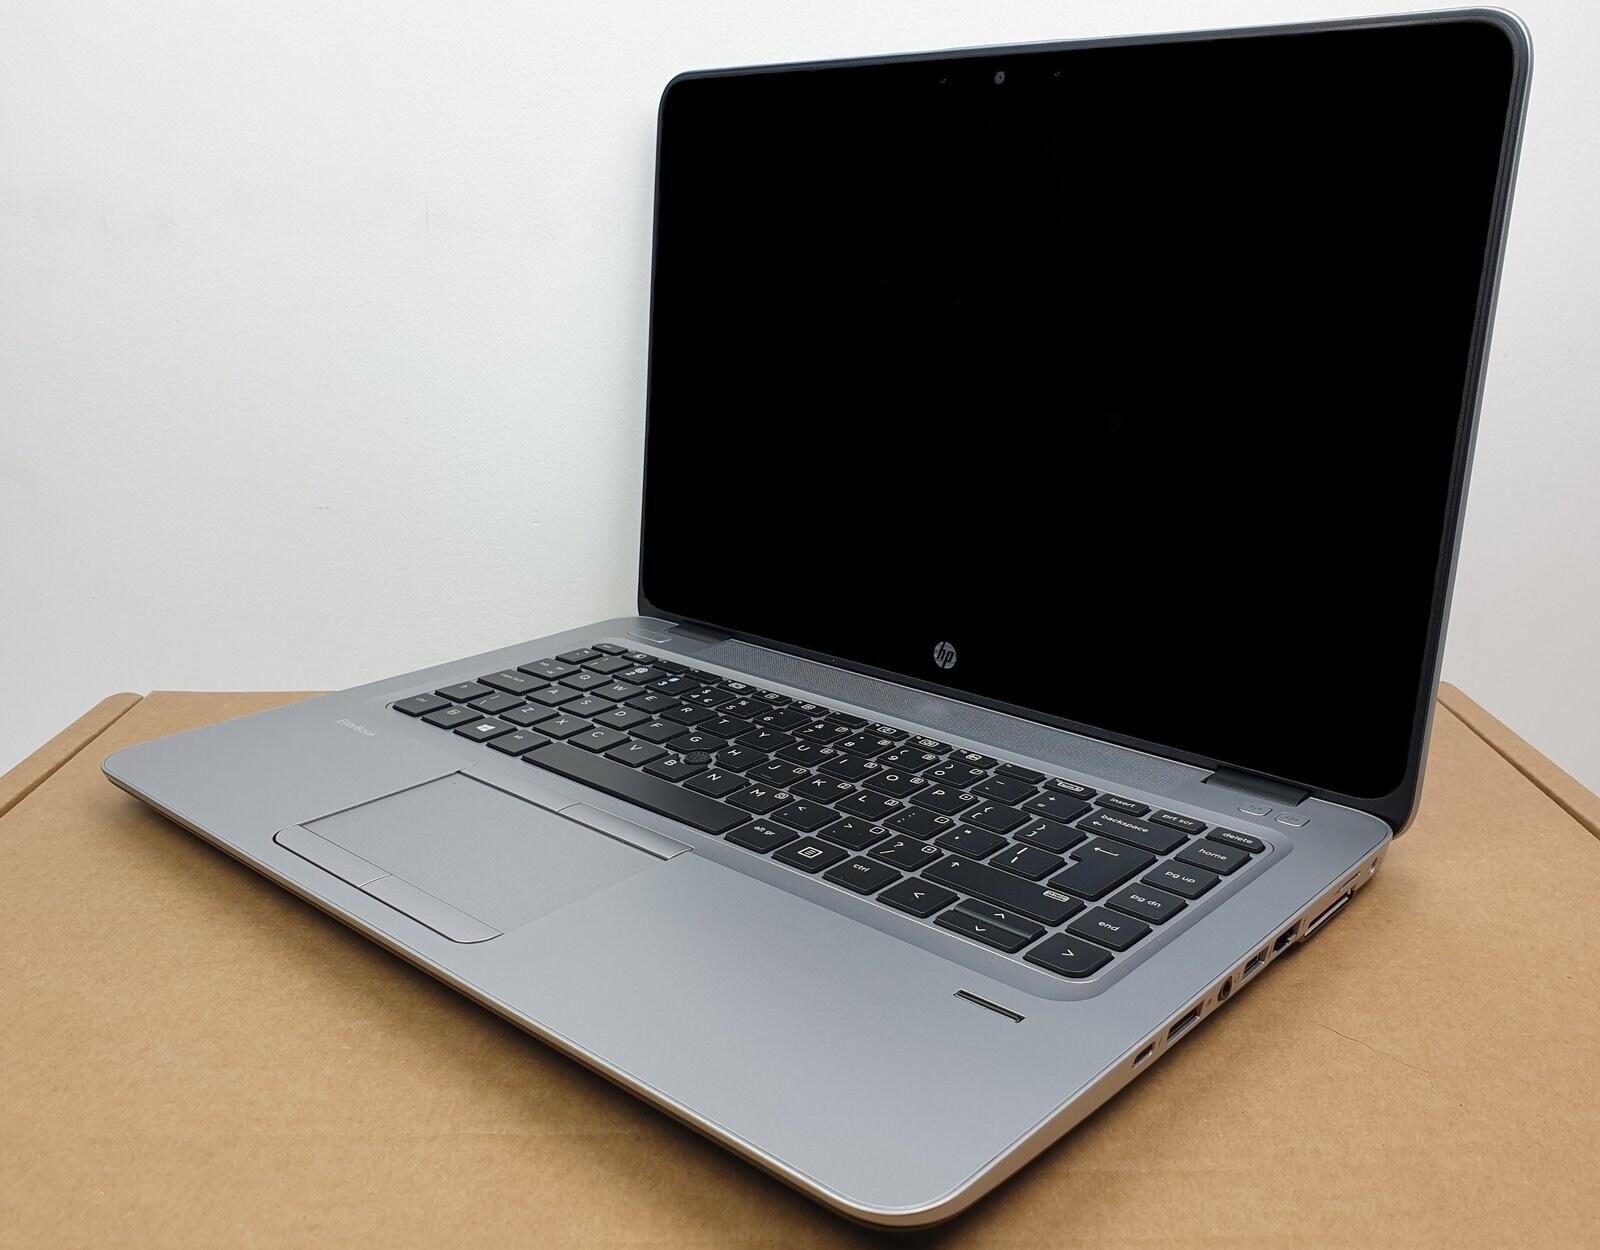 Laptop HP EliteBook 840 G3 i7 - 6 generacji / 8 GB / 250 GB HDD / 14 FullHD DOTYK / Klasa A- - 4